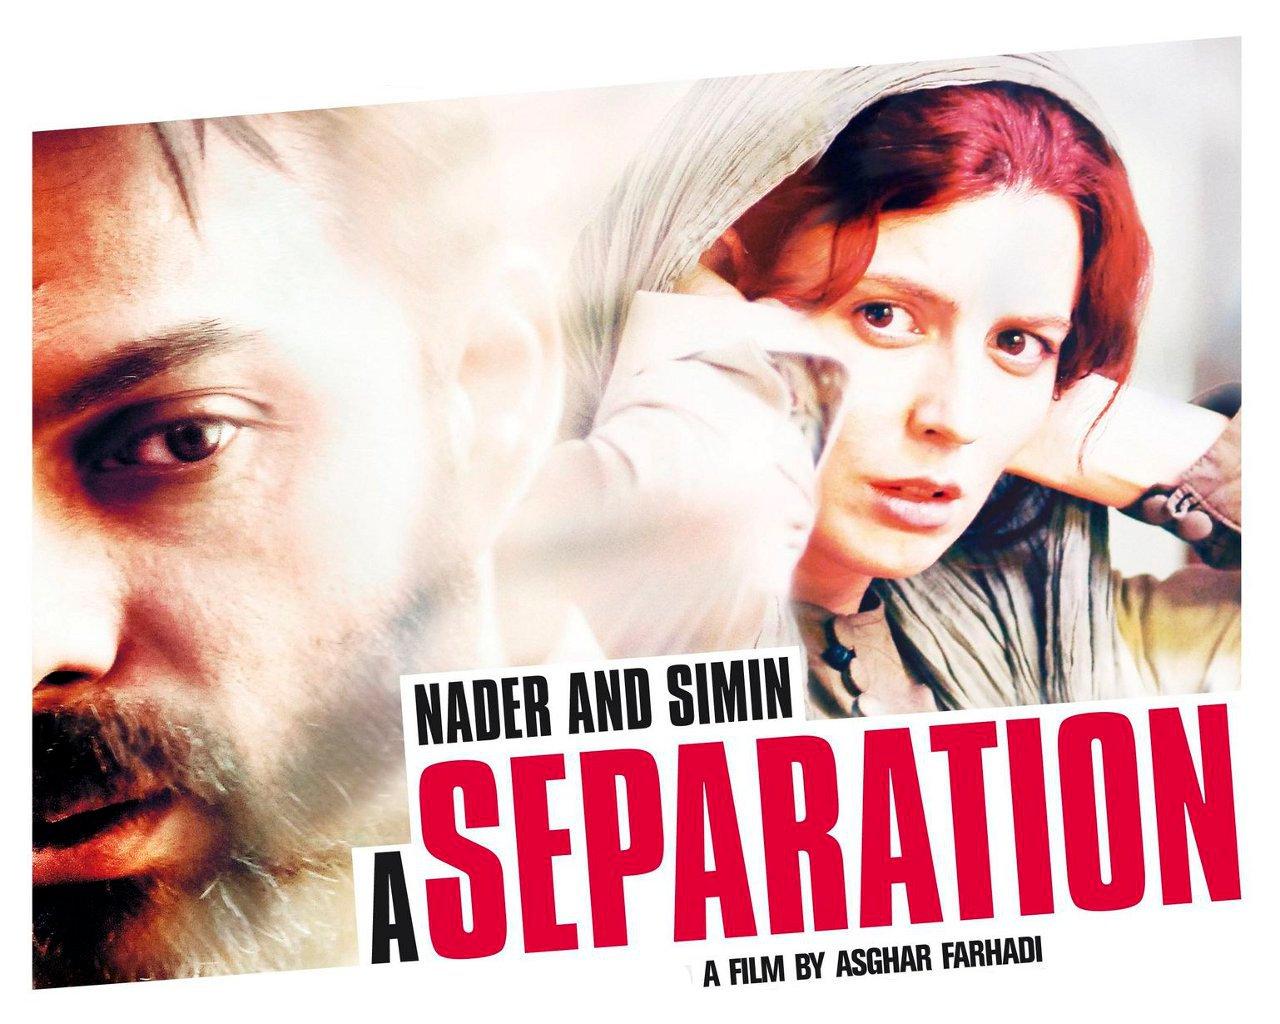 Iranian cinema-nedalasheydaee